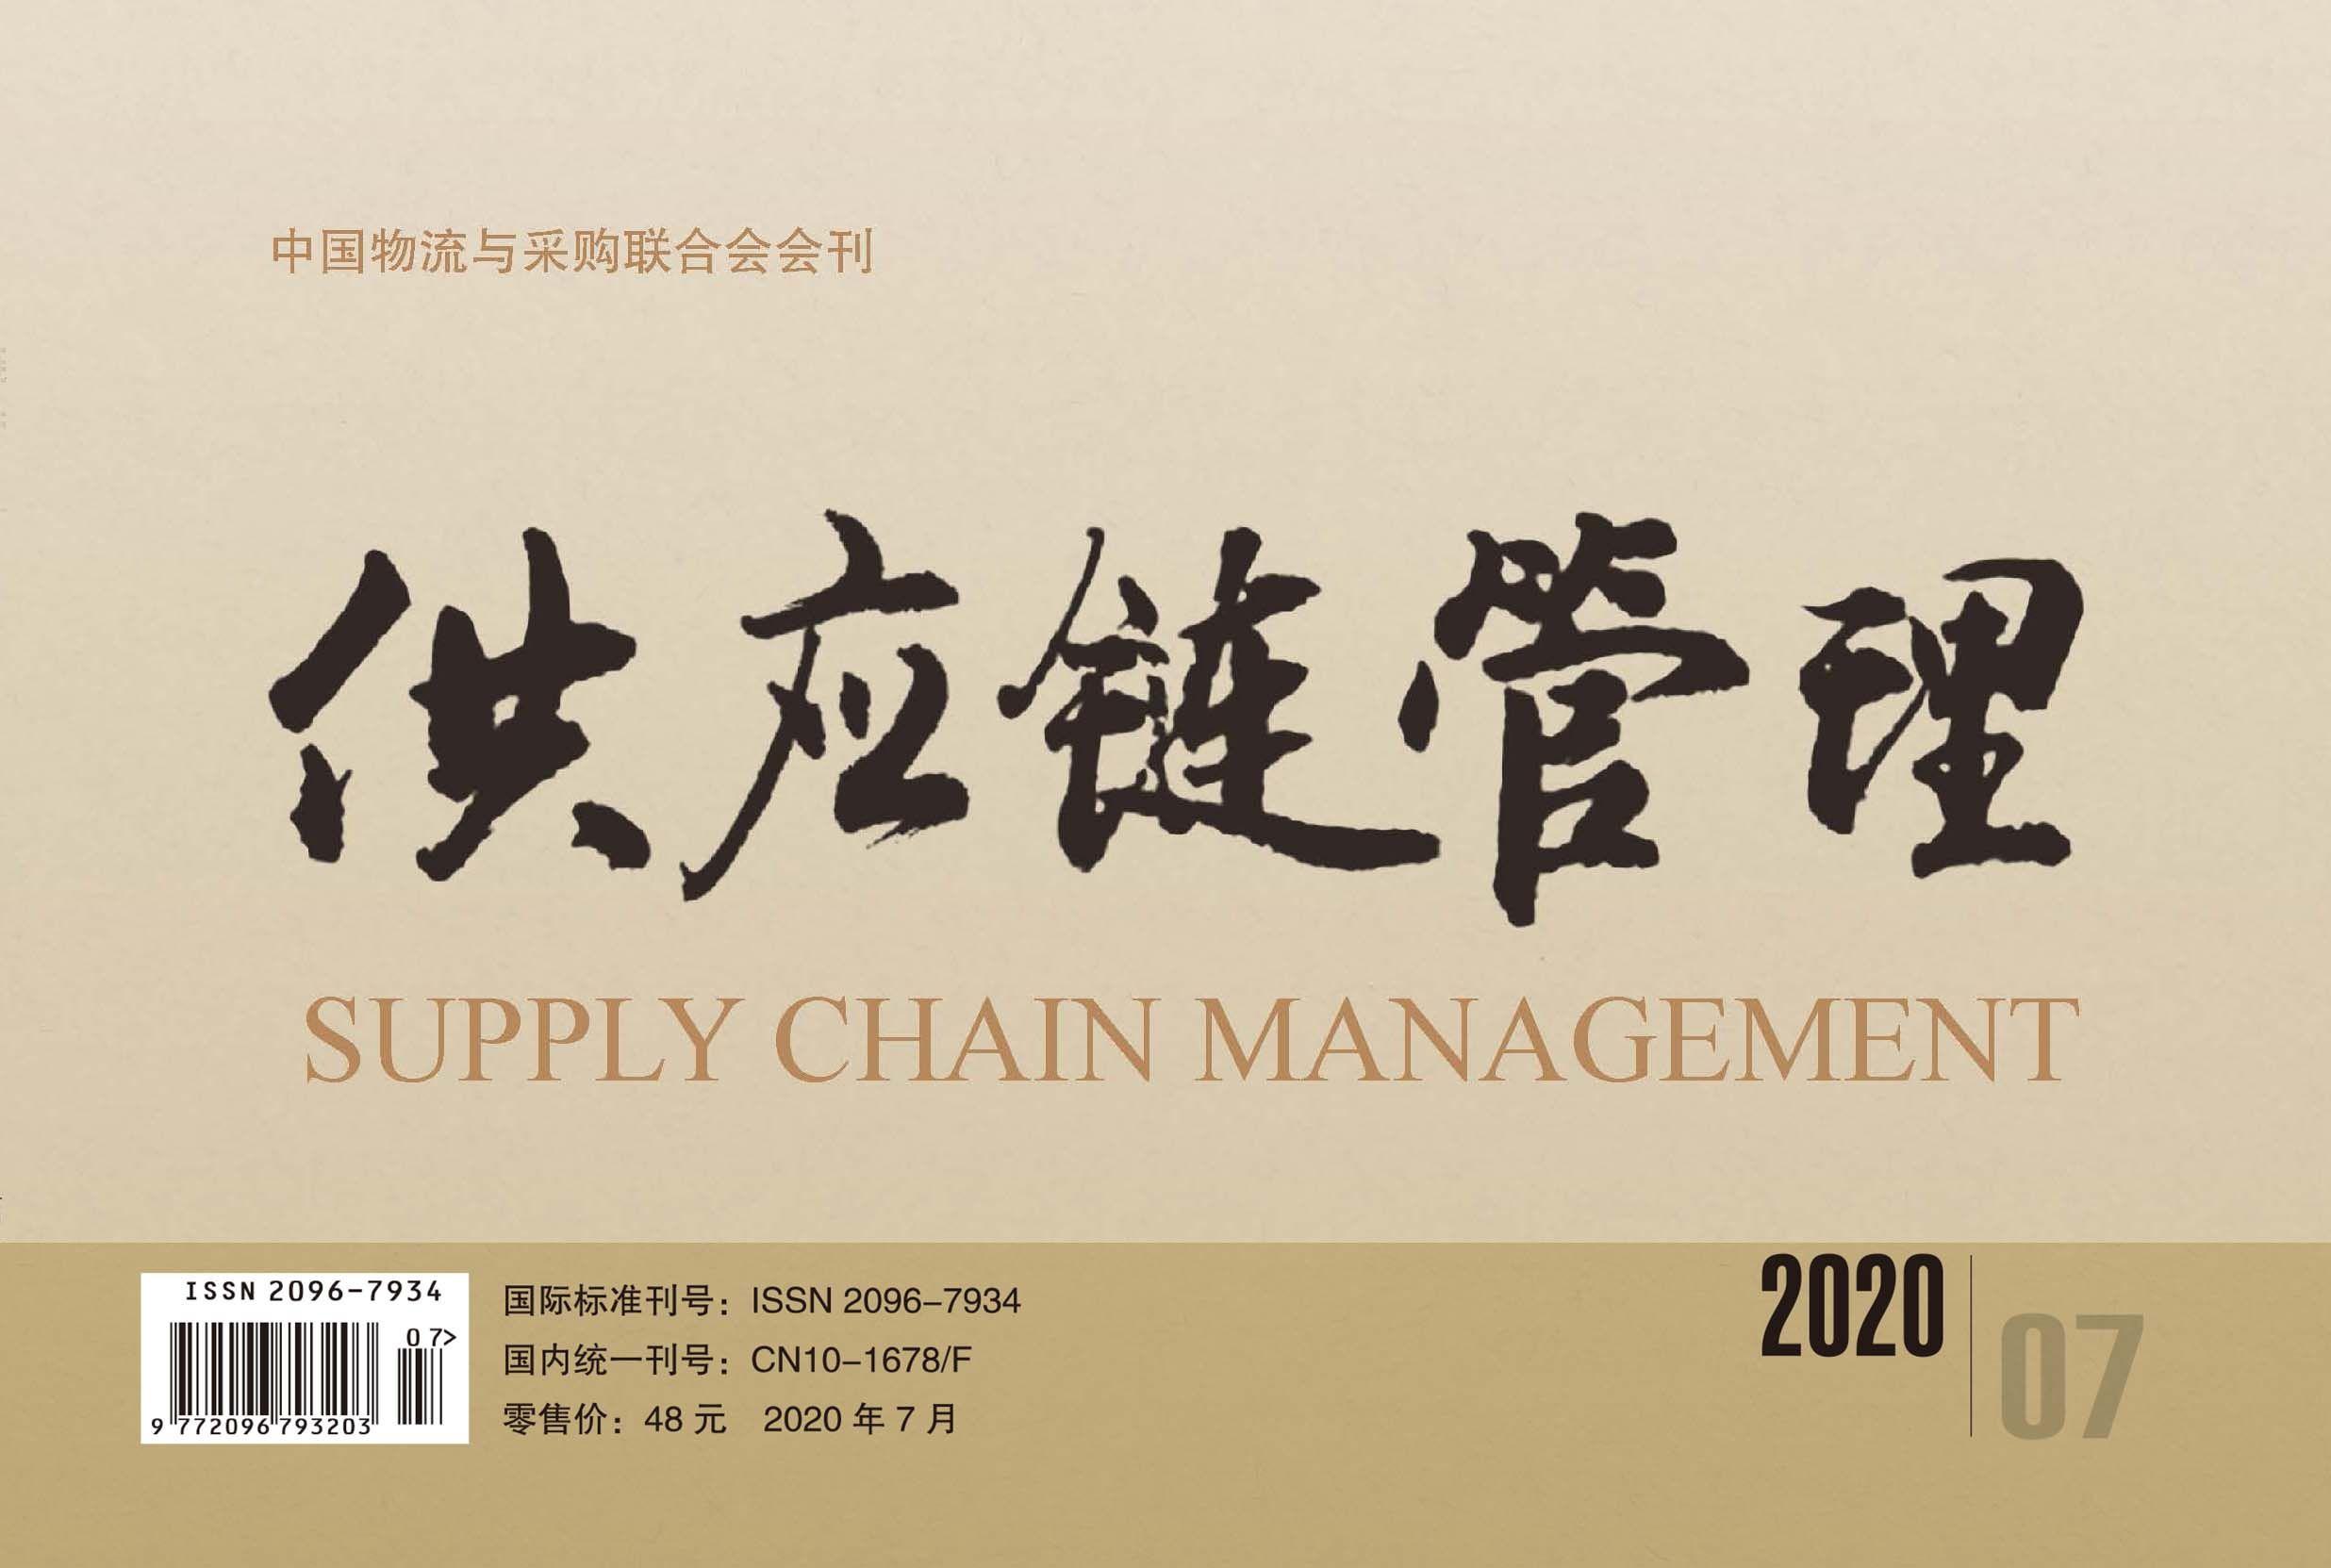 中國唯一《供應鏈管理》雜志電子版 2020-07期